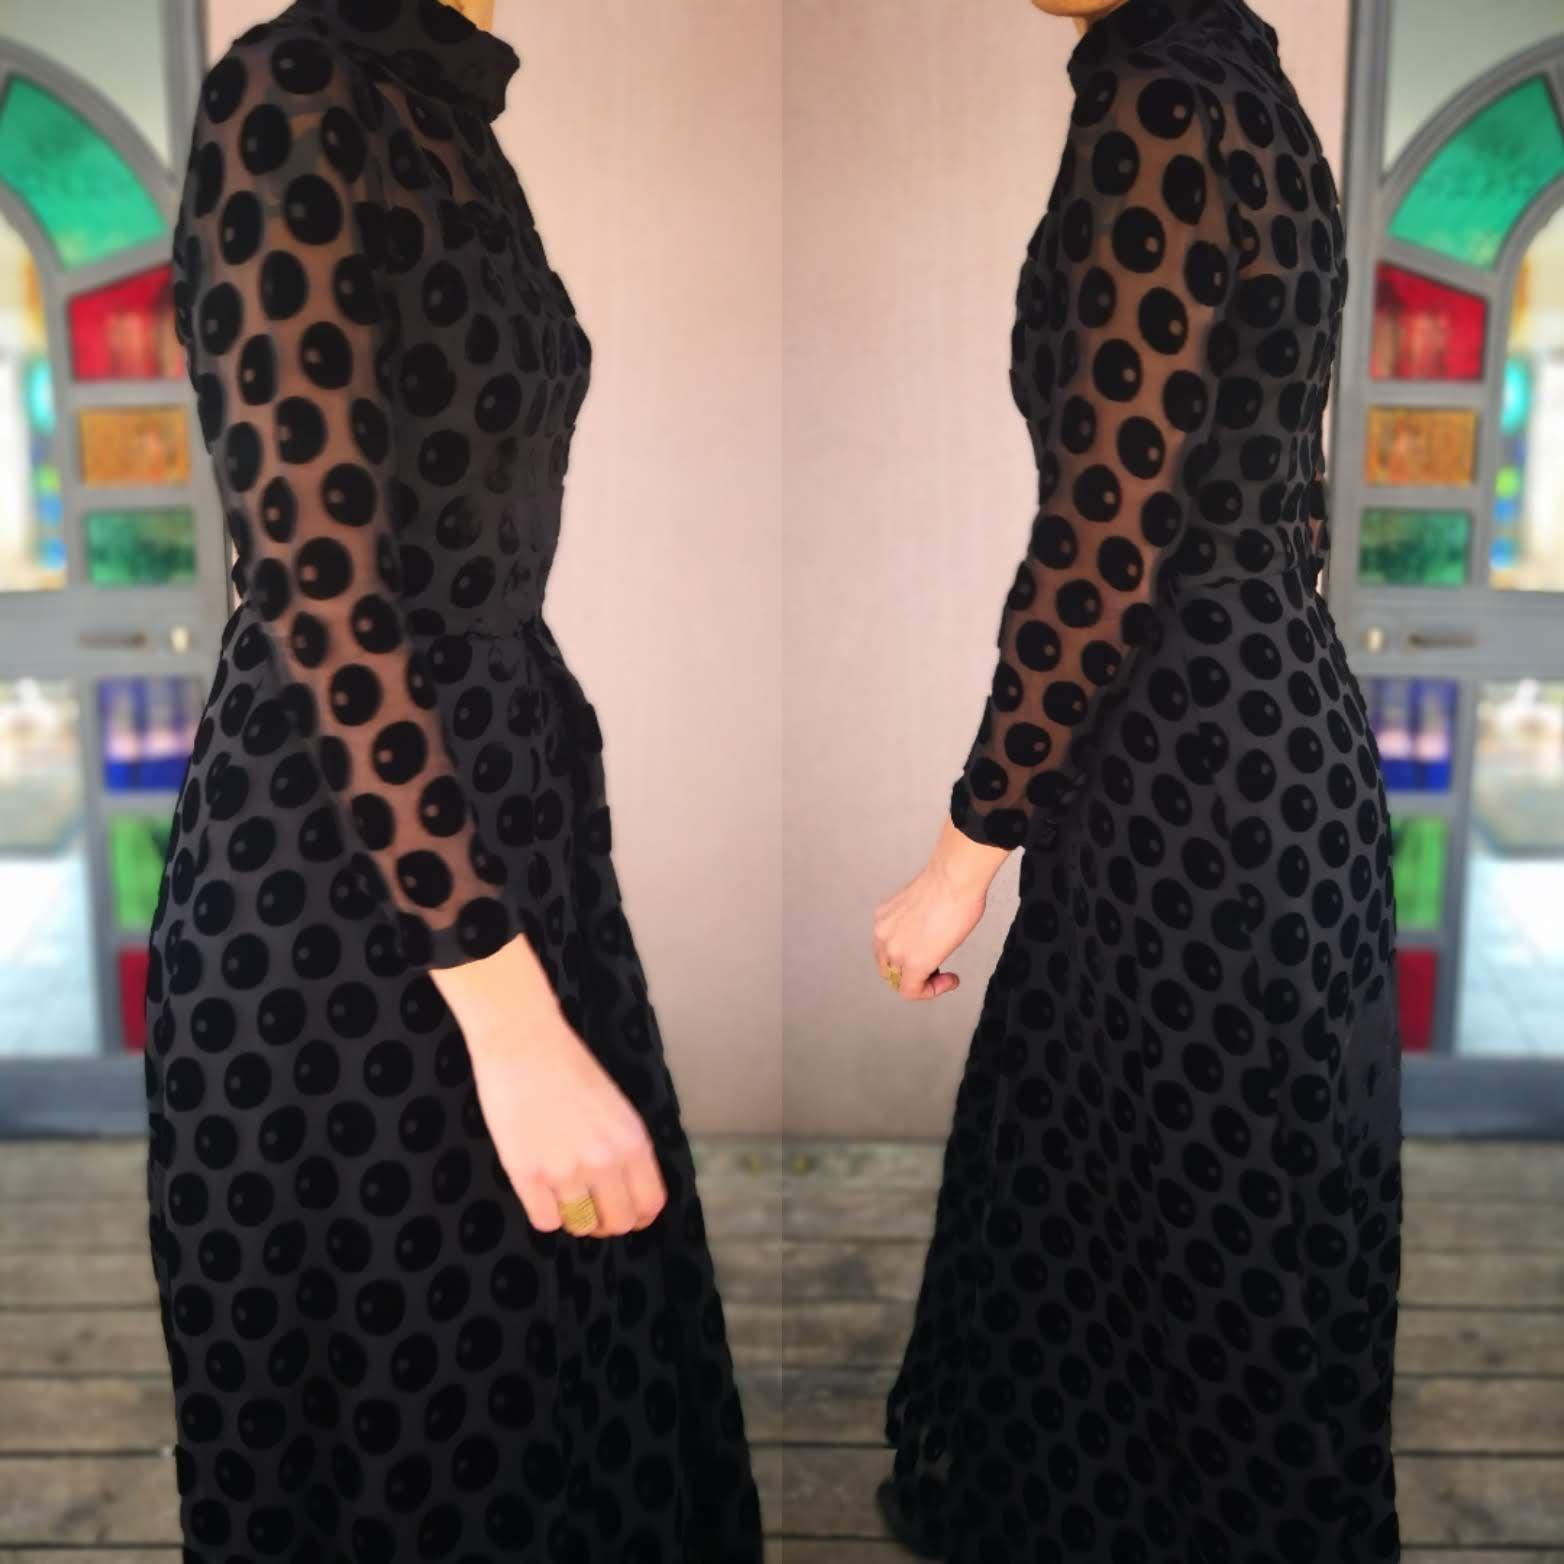 שמלת מקסי יפהפייה ומלכותית מידה M